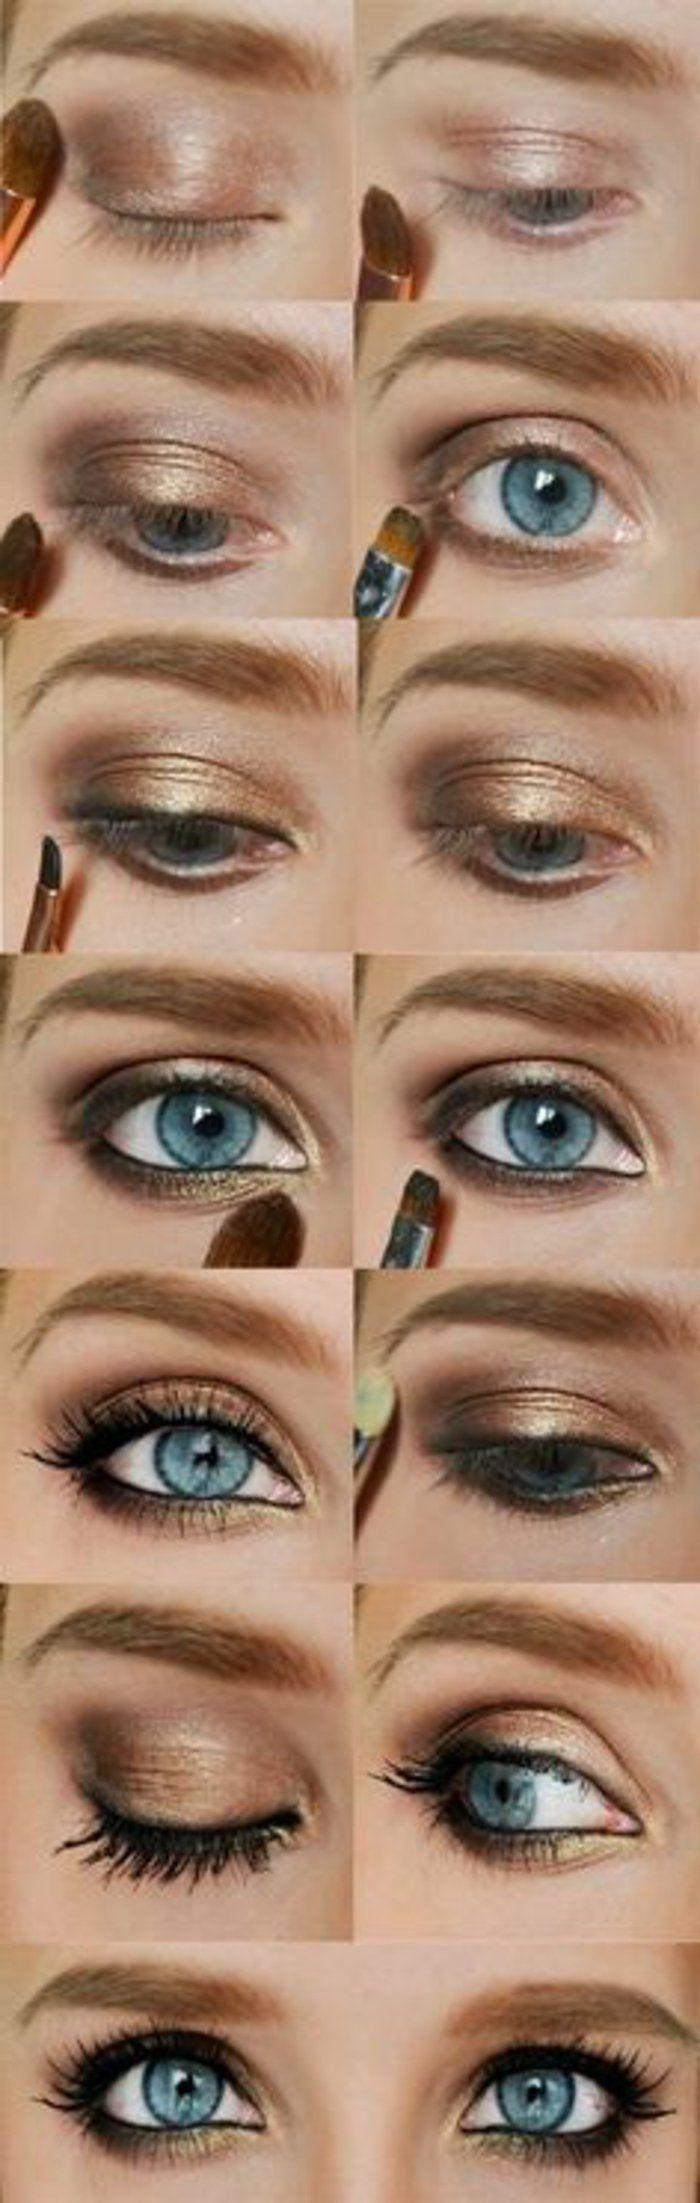 maquillage rose doré pour yeux bleus